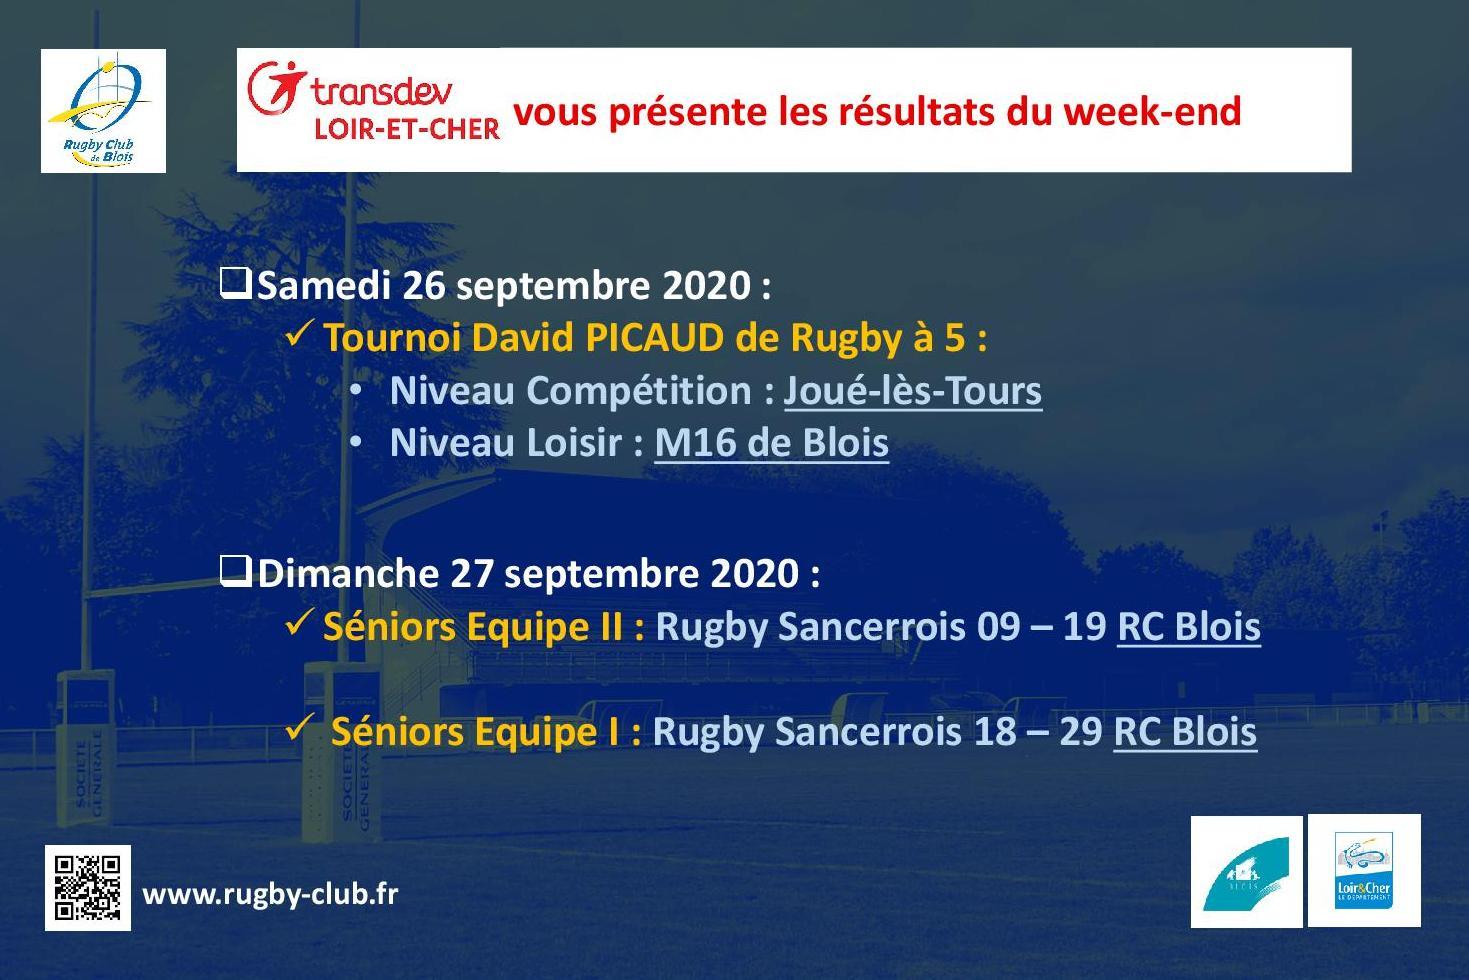 RC Blois : Les résultats du week-end des 26 et 27 septembre 2020